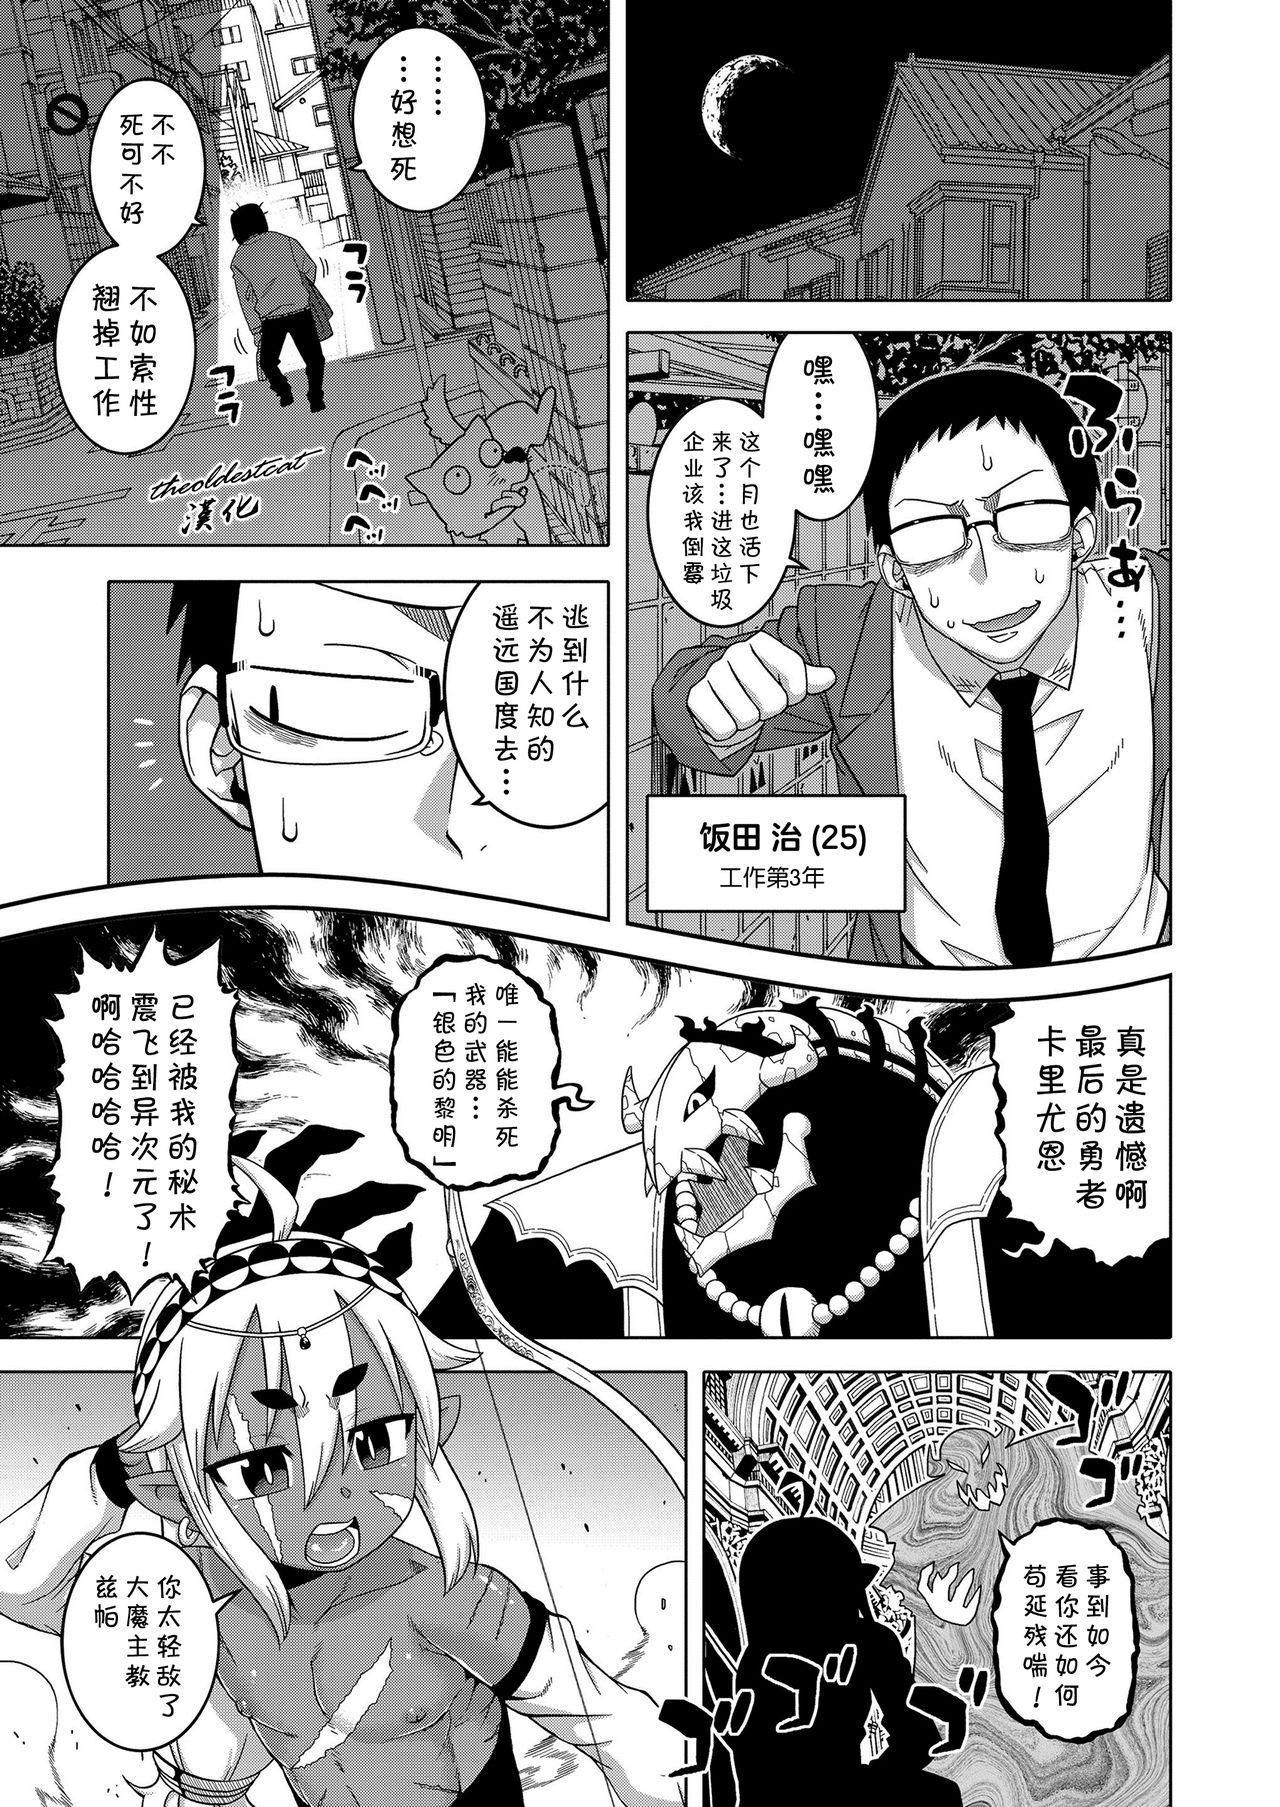 [Takatsu] Isekai de Elf no Yuusha(♂) ga Yome ni Natte Kureru You desu !? Ch.1-2 [Chinese] [theoldestcat汉化] [Digital] 0